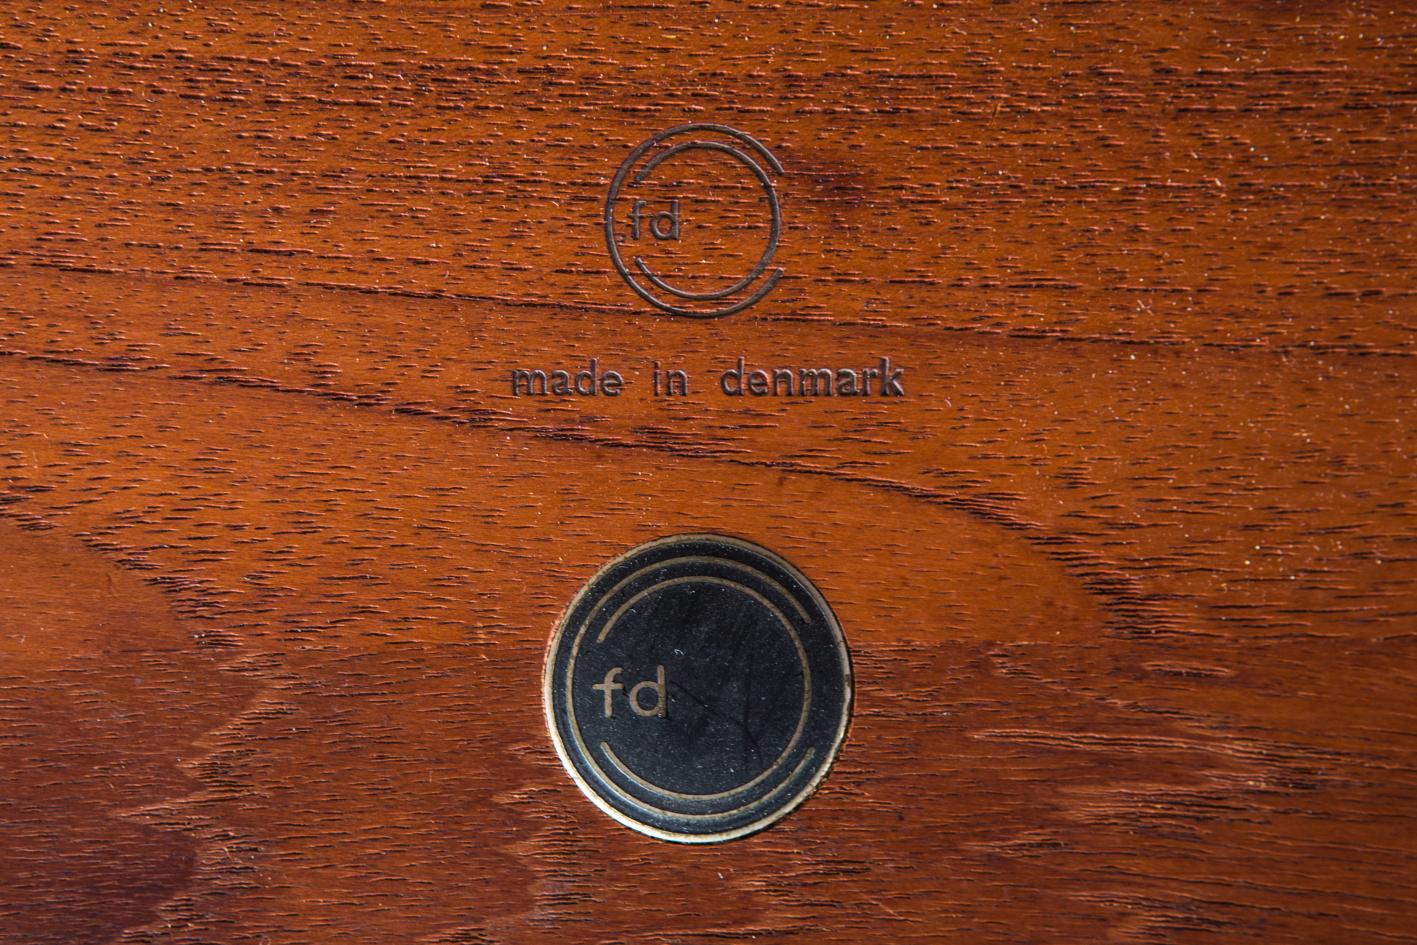 FD 12/50 round table - Peter Hvidt Orla Molgaard - France & Daverkosen label mark